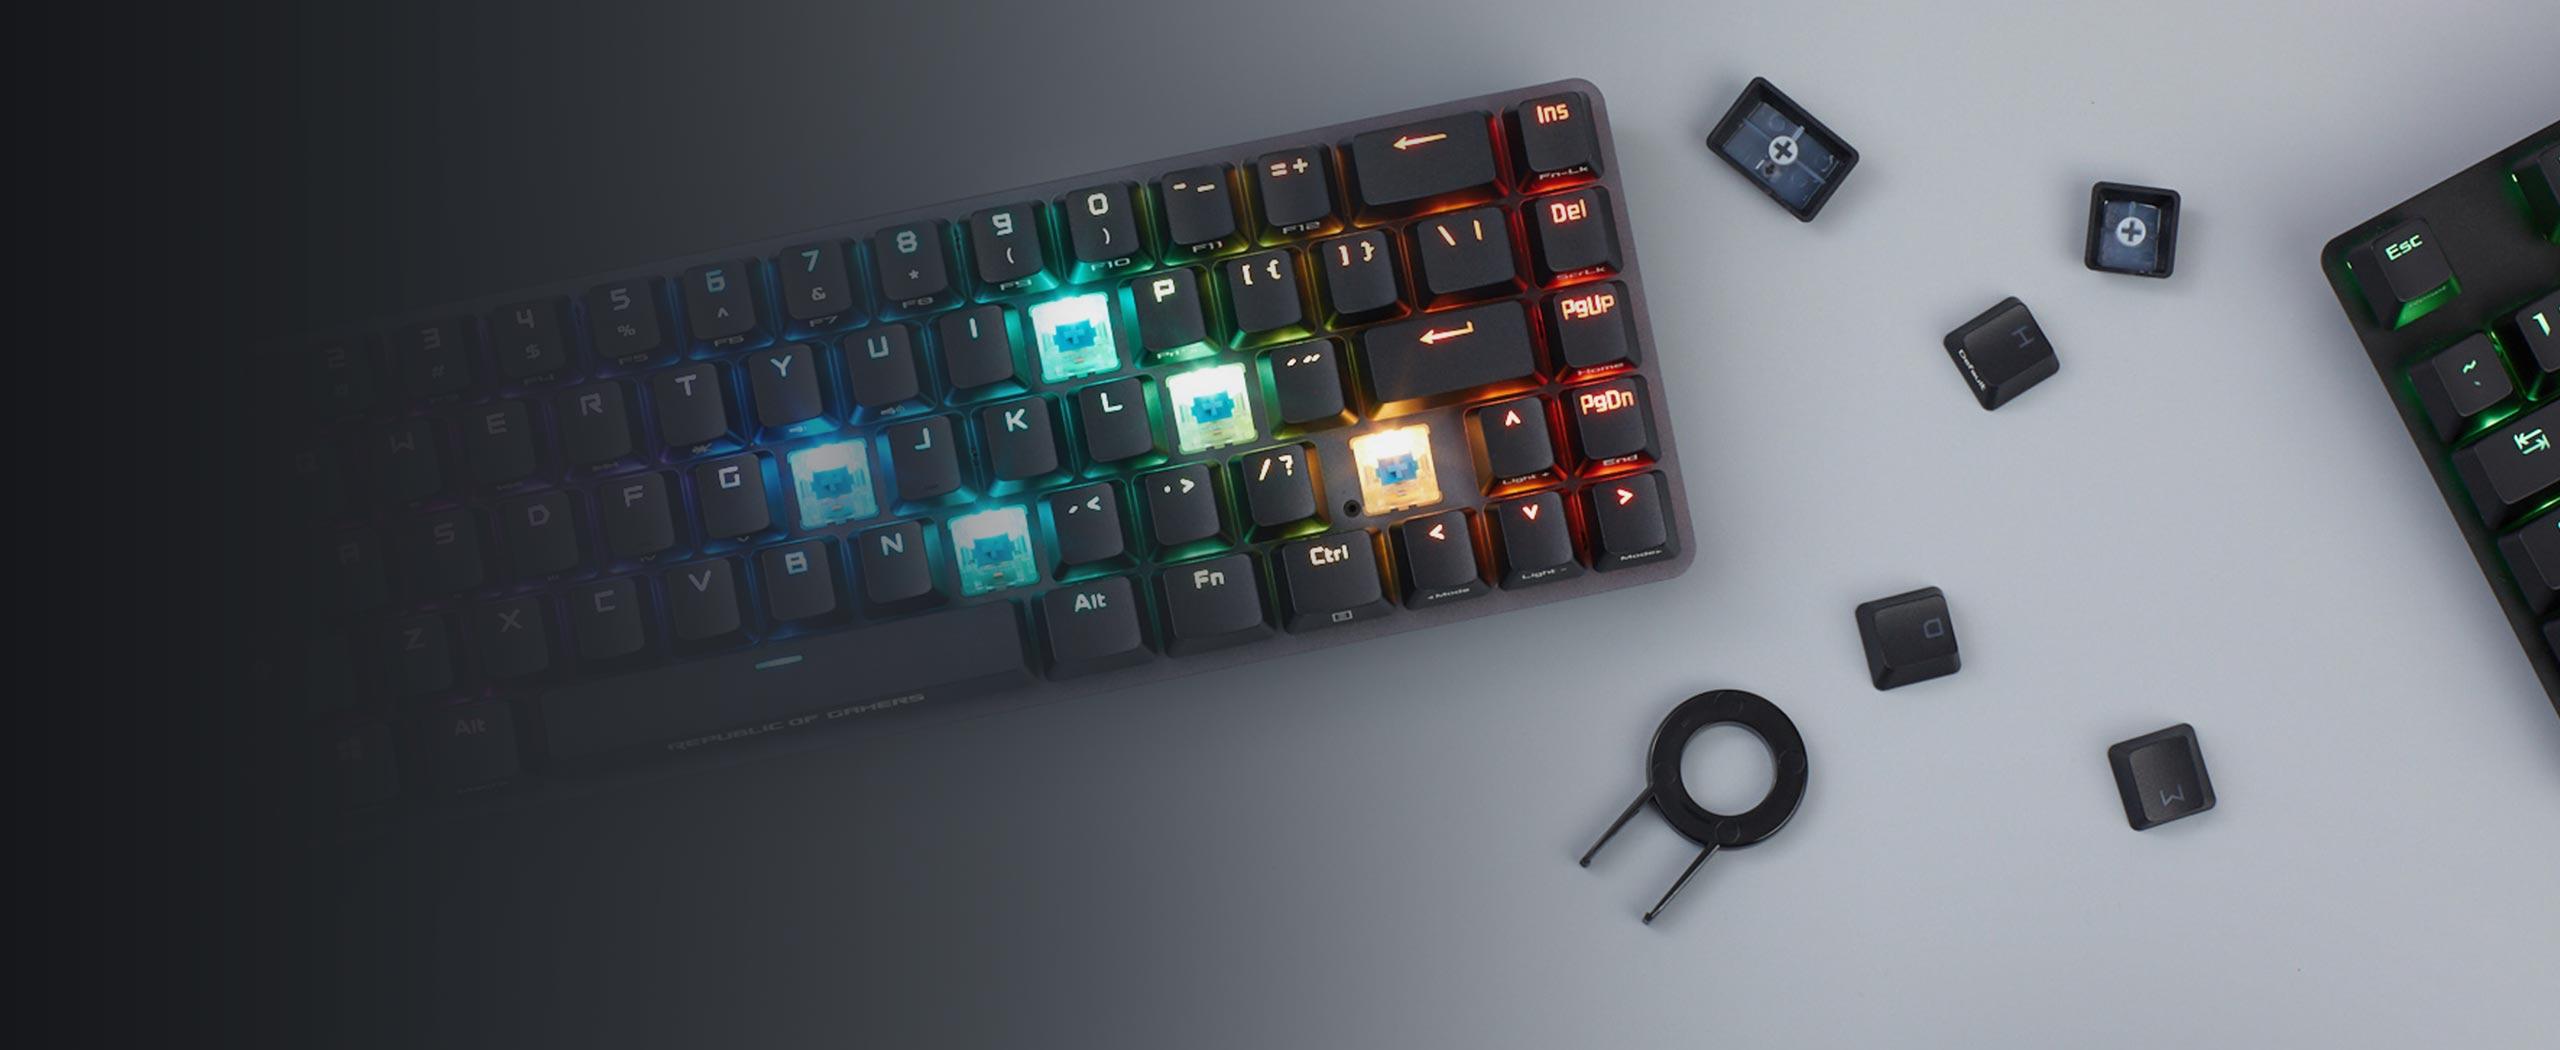 Bàn phím không dây Asus Falchion (USB/RGB/Red sw)  sử dụng bộ keycap pbt doubleshot cao cấp